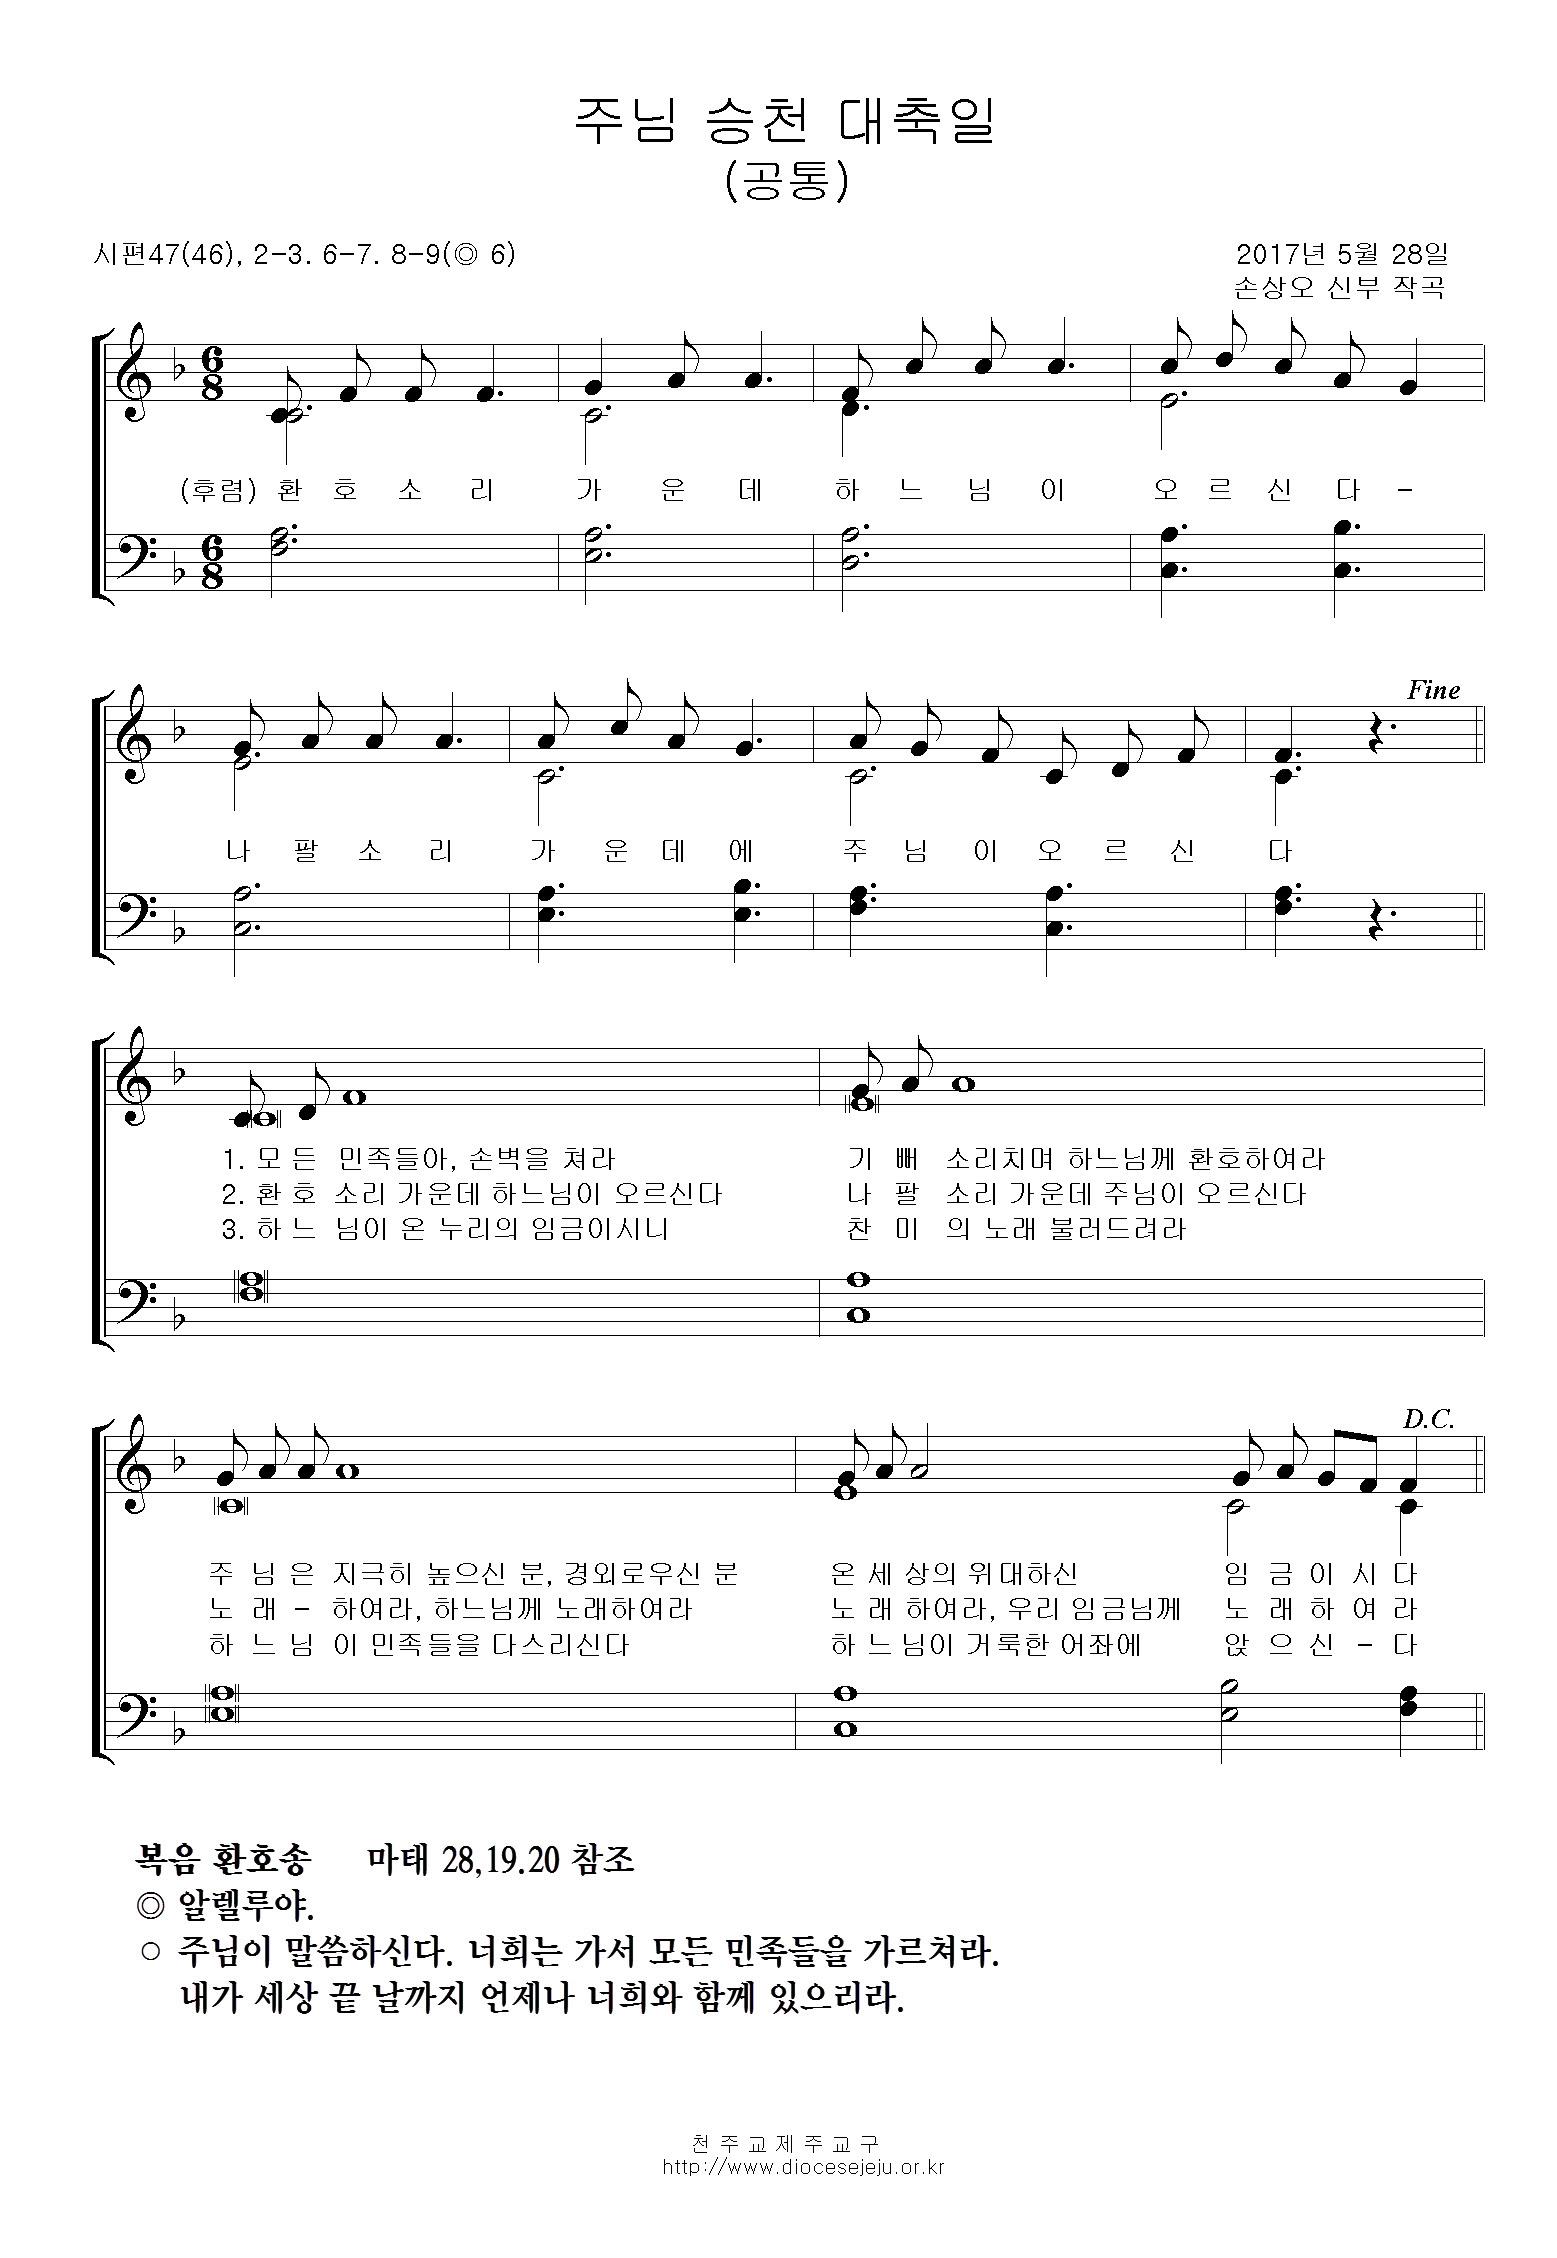 20170528-주님승천대축일(공통).jpg